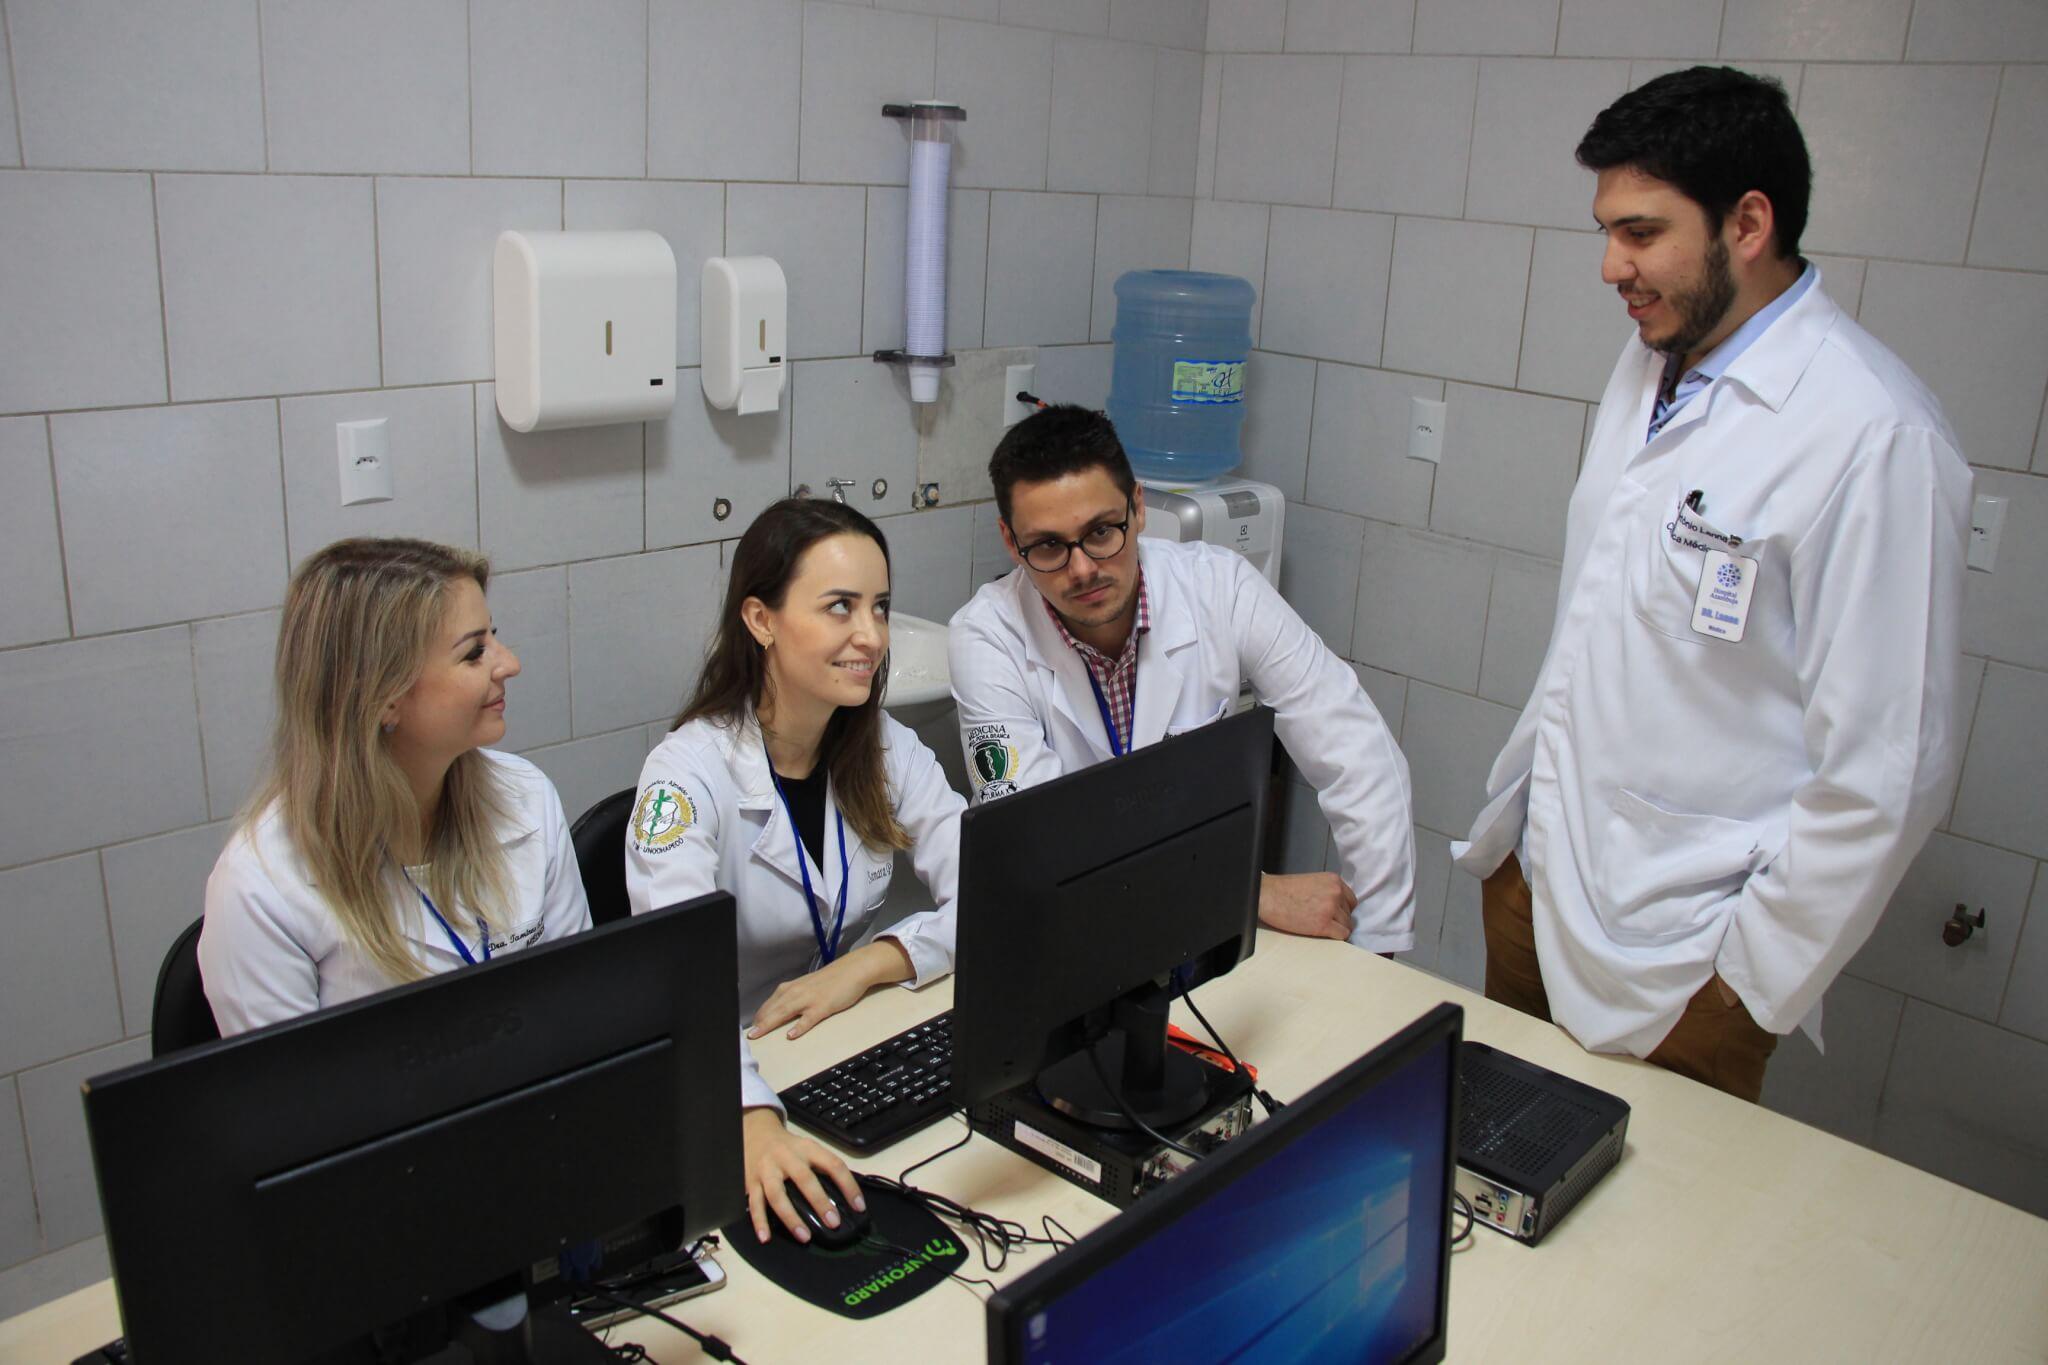 Programa de Residência Médica da UNIFEBE é credenciado pela CNRM